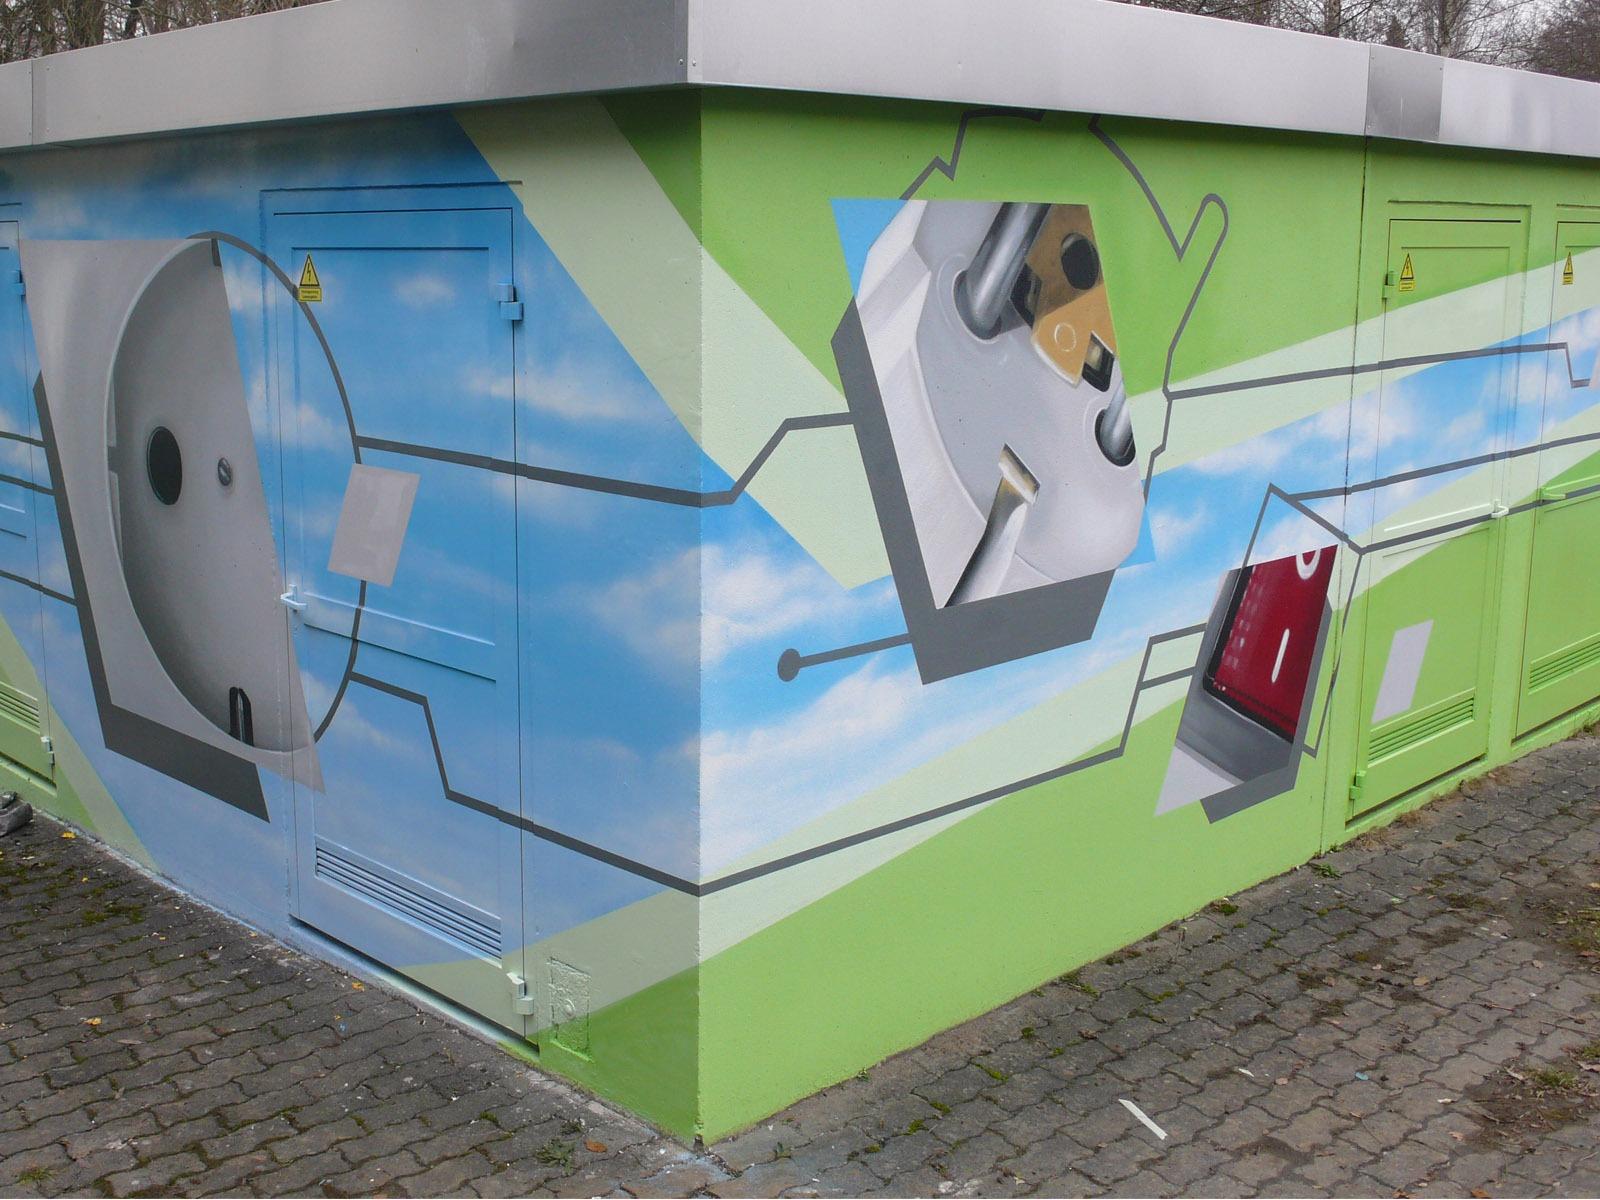 graffitiauftrag_graffitikuenstler_artmos4_stadtwerke_haiger_fotorealistisch_grafisch_energie_2